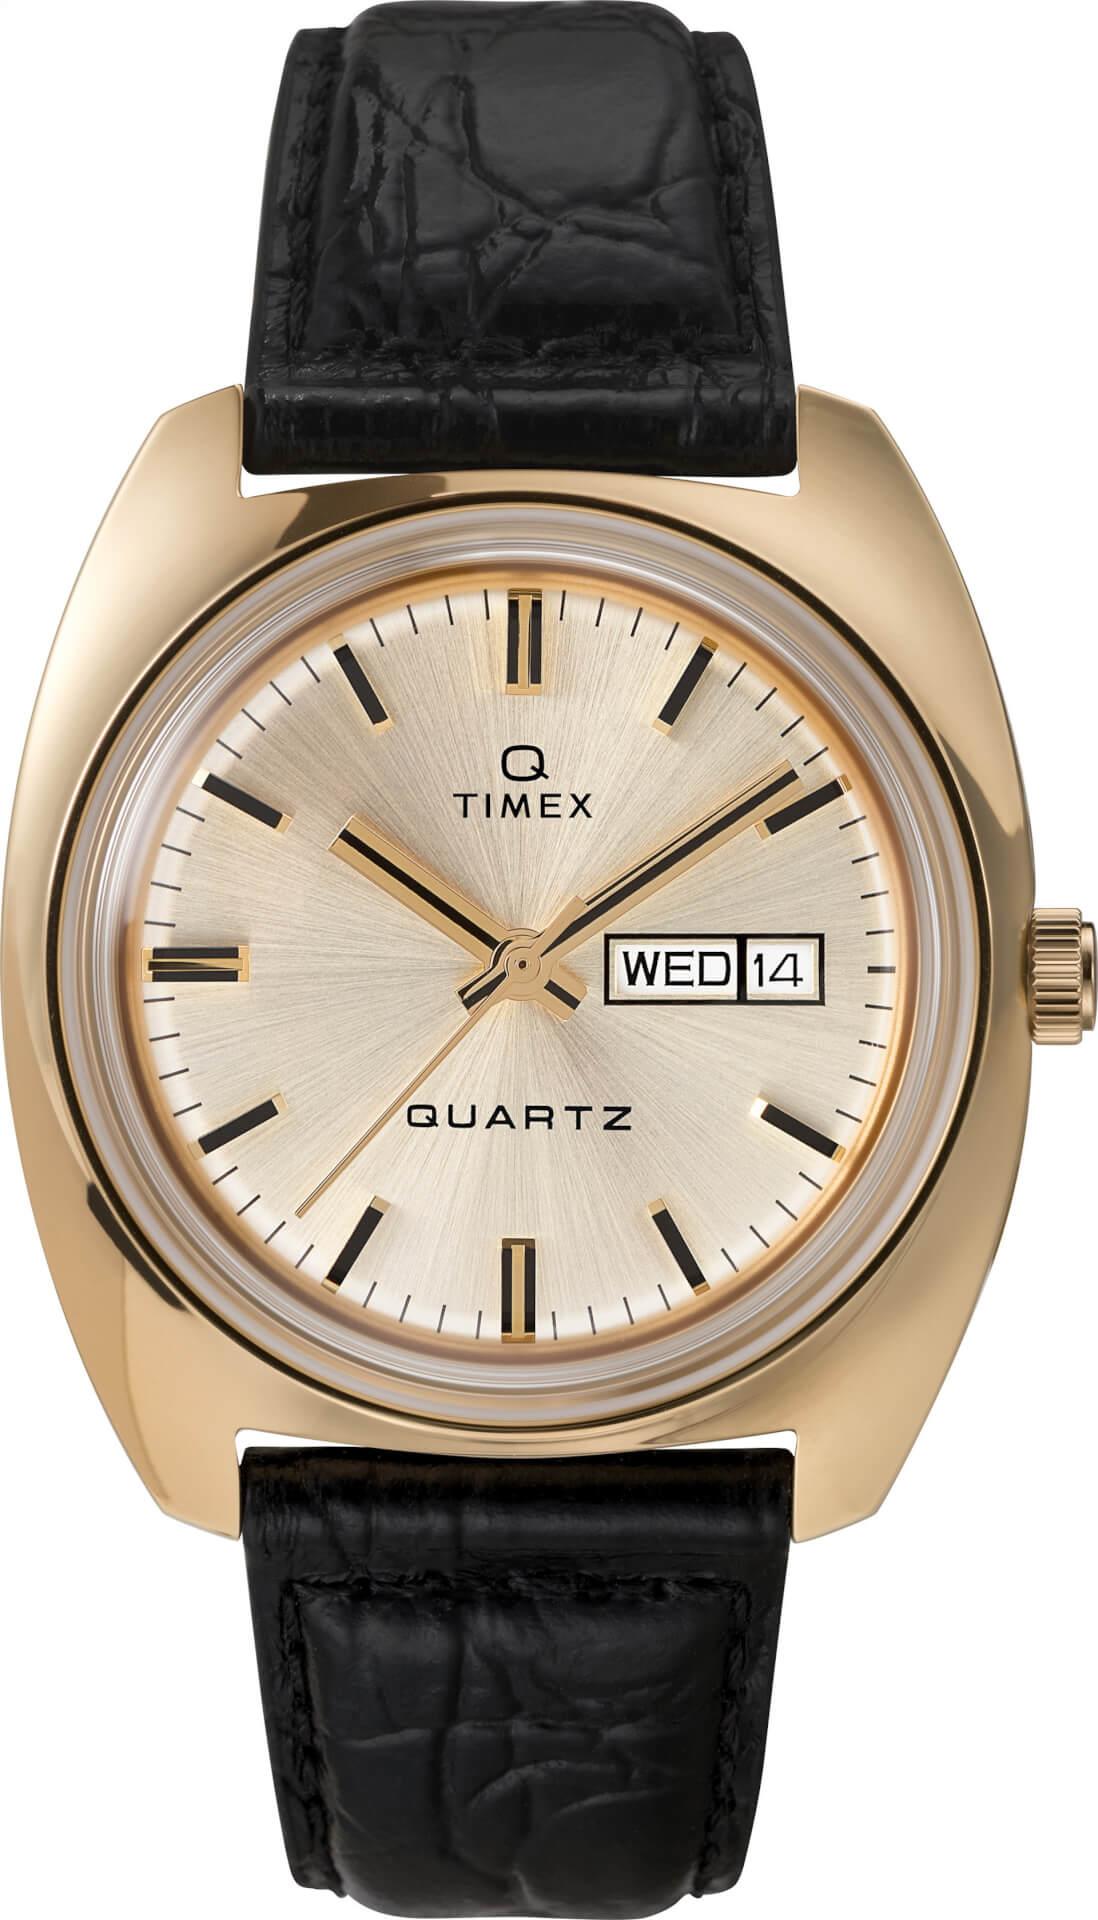 『Q TIMEX』を復刻したゴージャスなモデル『Marmont』が発売決定!本日予約受付開始 life210525_qtimex_2